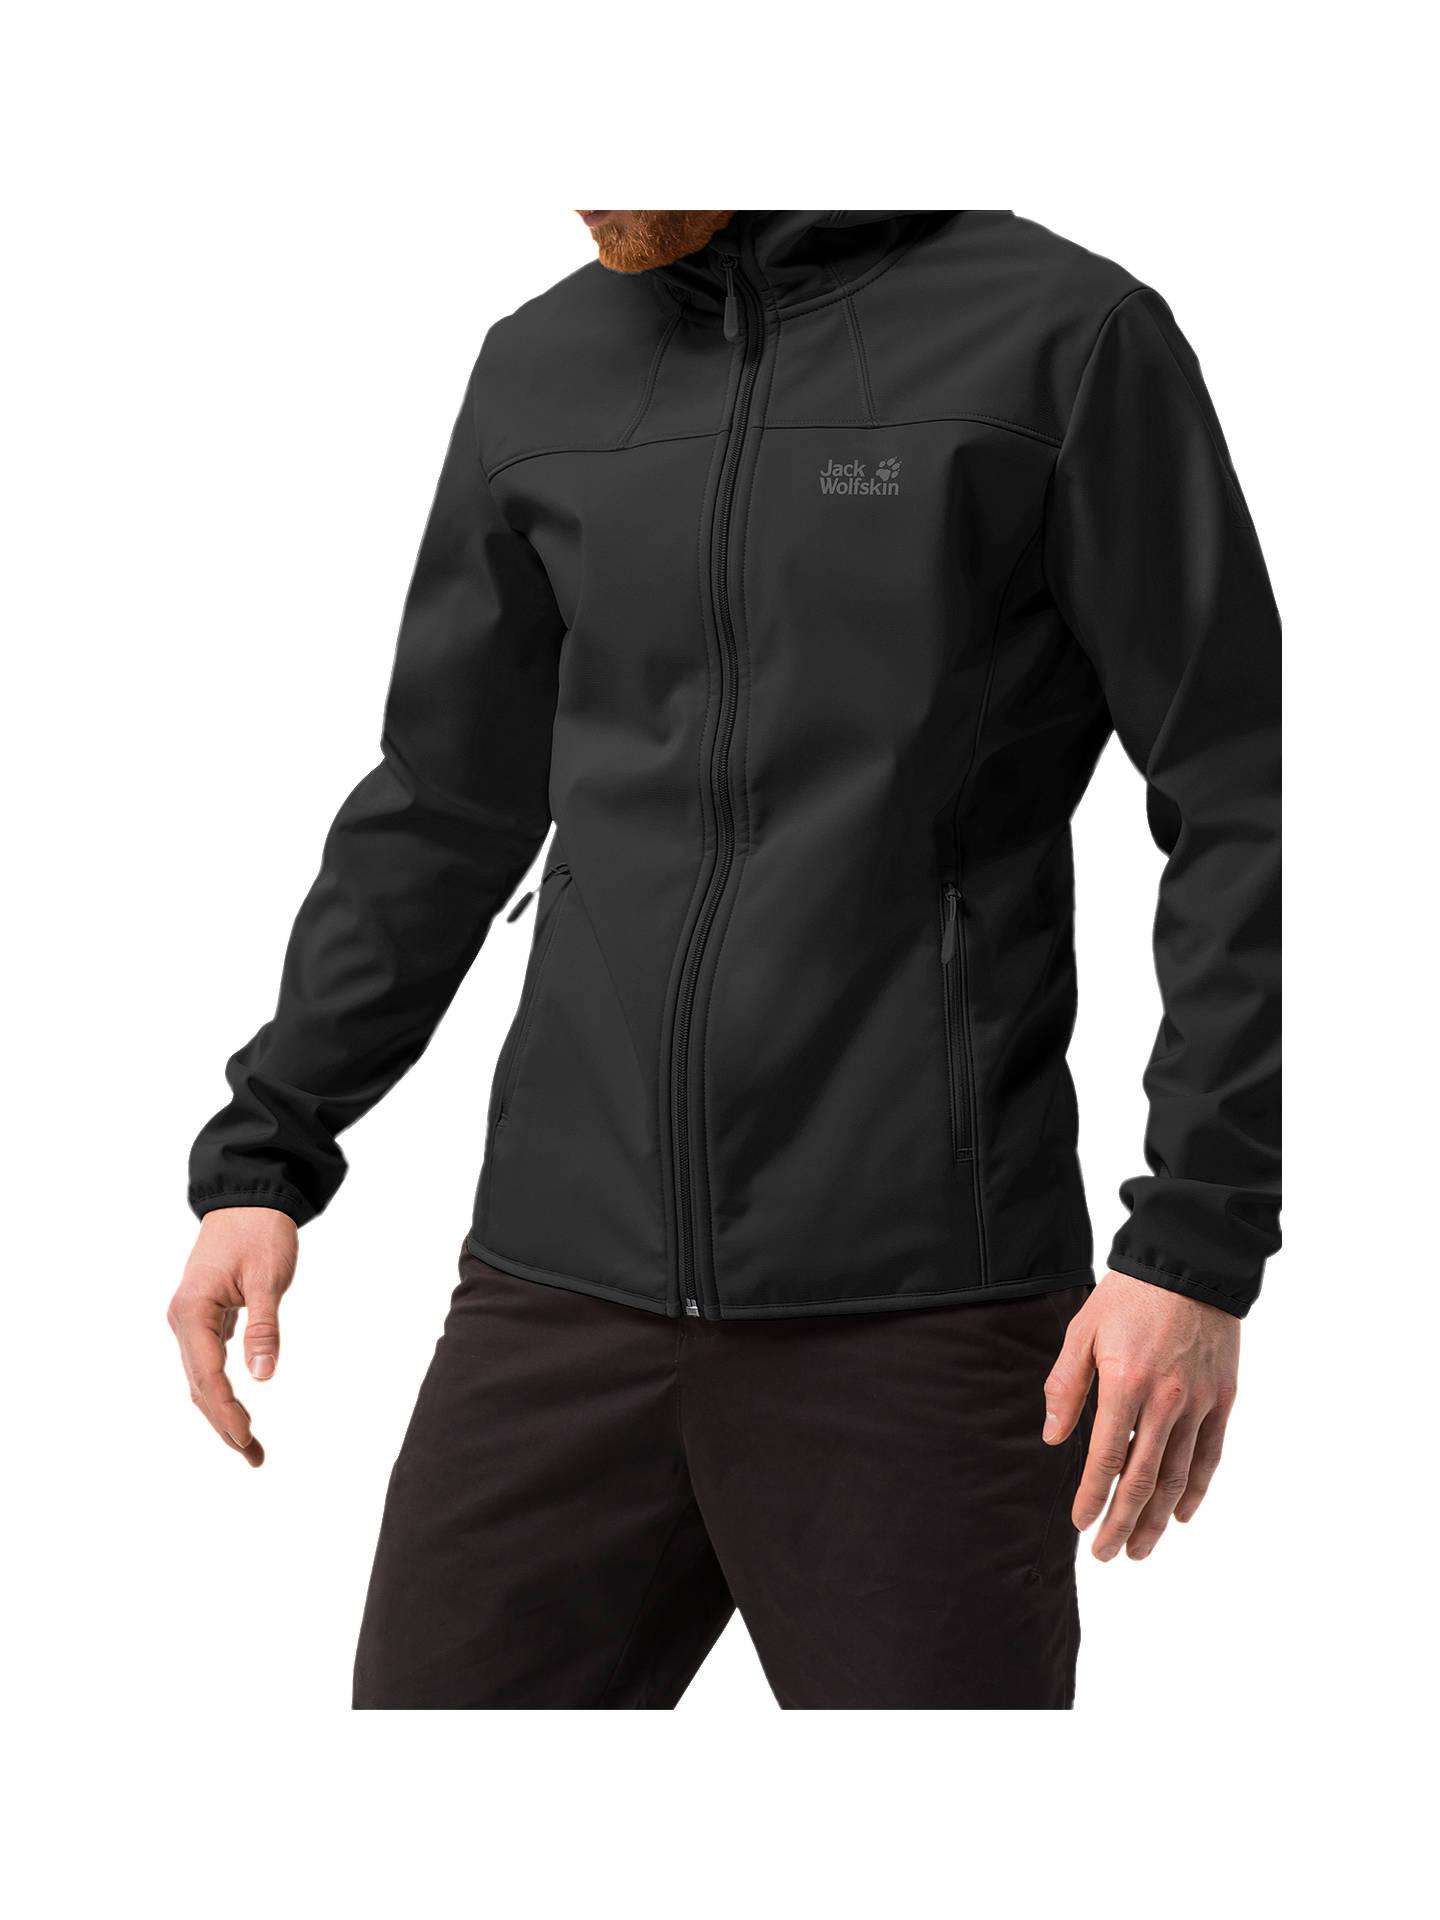 renomowana strona wyprzedaż w sprzedaży wyprzedaż w sklepie wyprzedażowym Jack Wolfskin Northern Point Softshell Jacket, Black at John ...